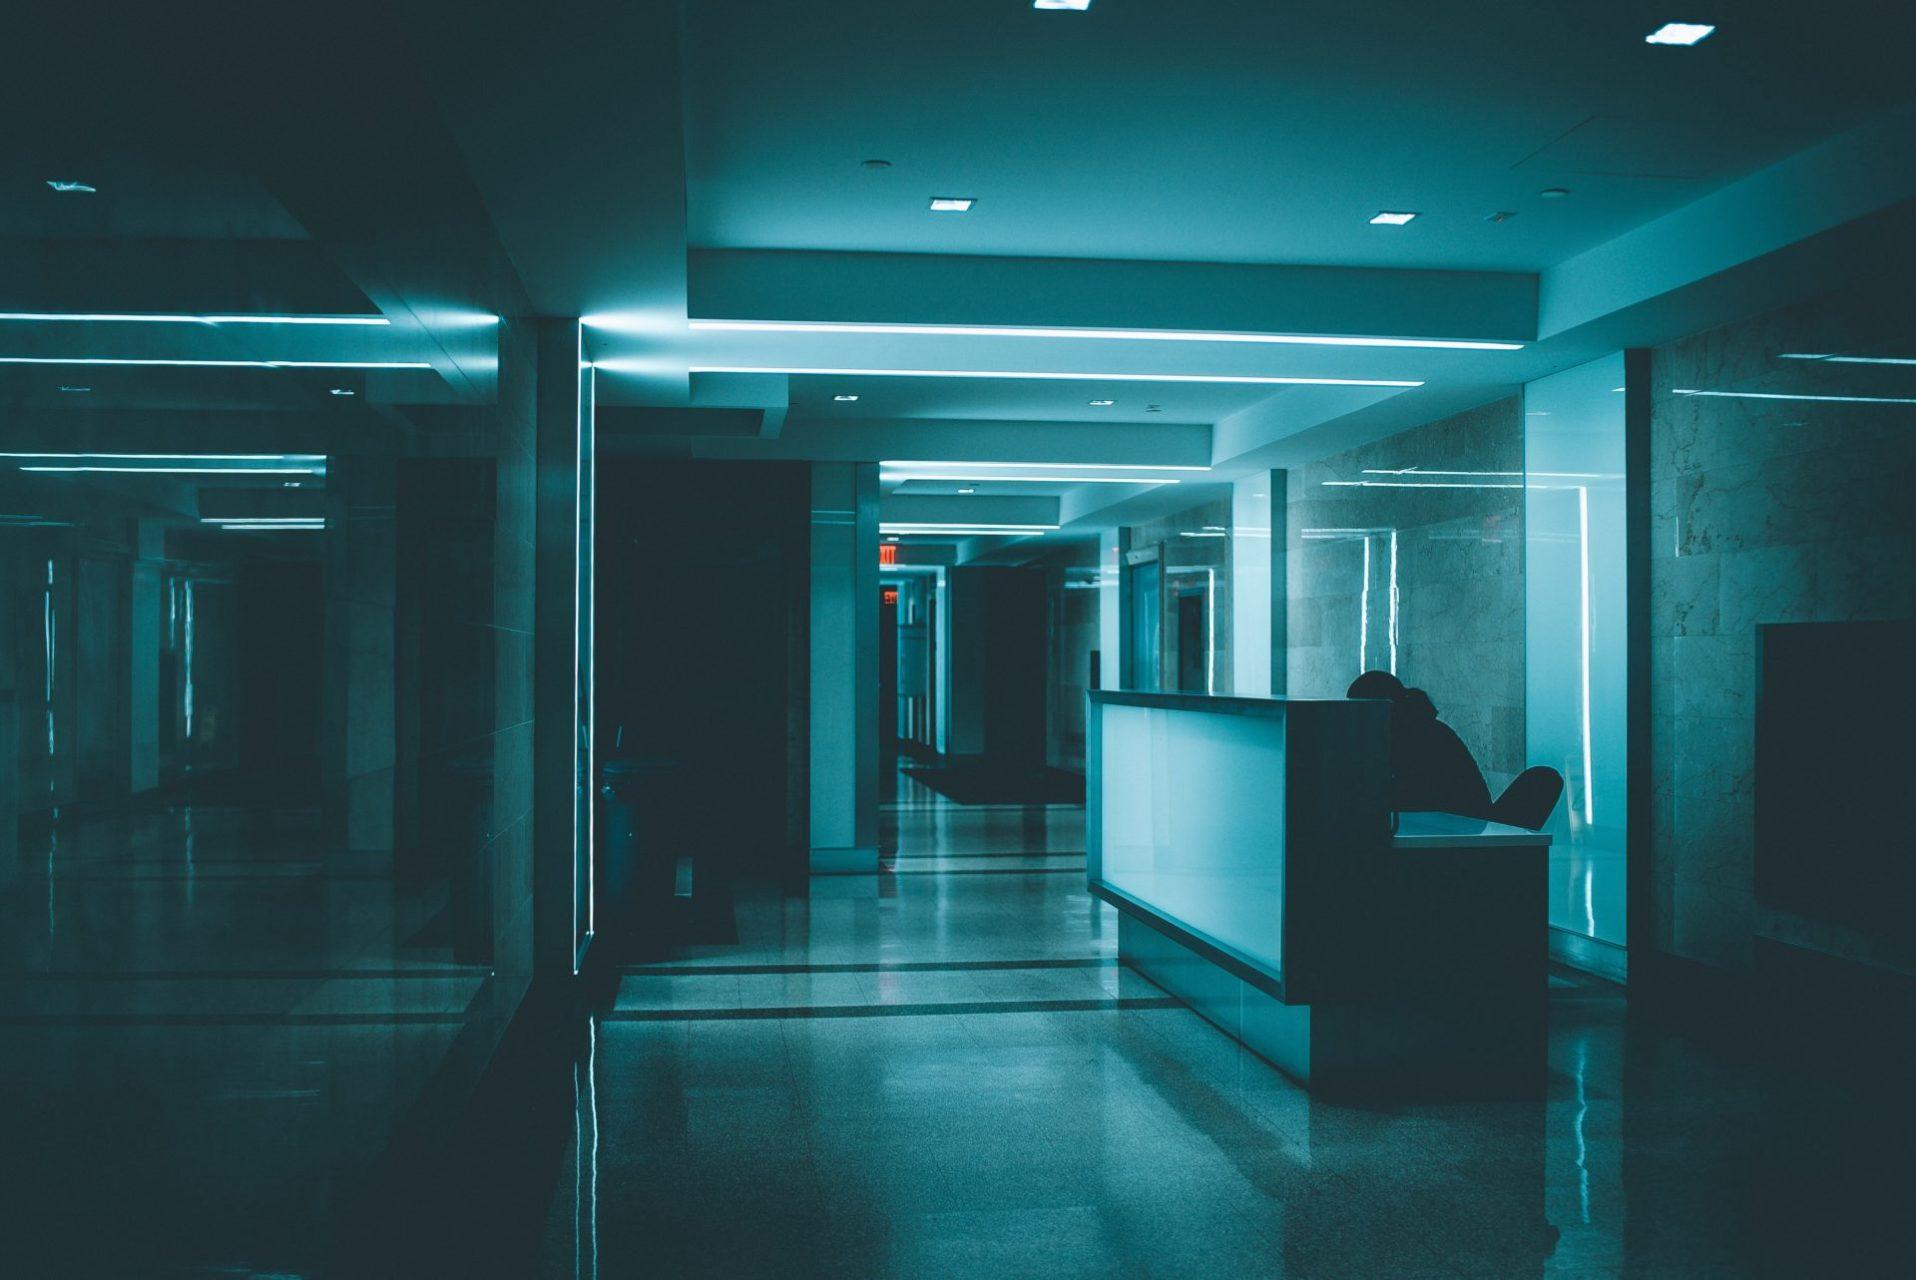 Nachtdienst in het ziekenhuis